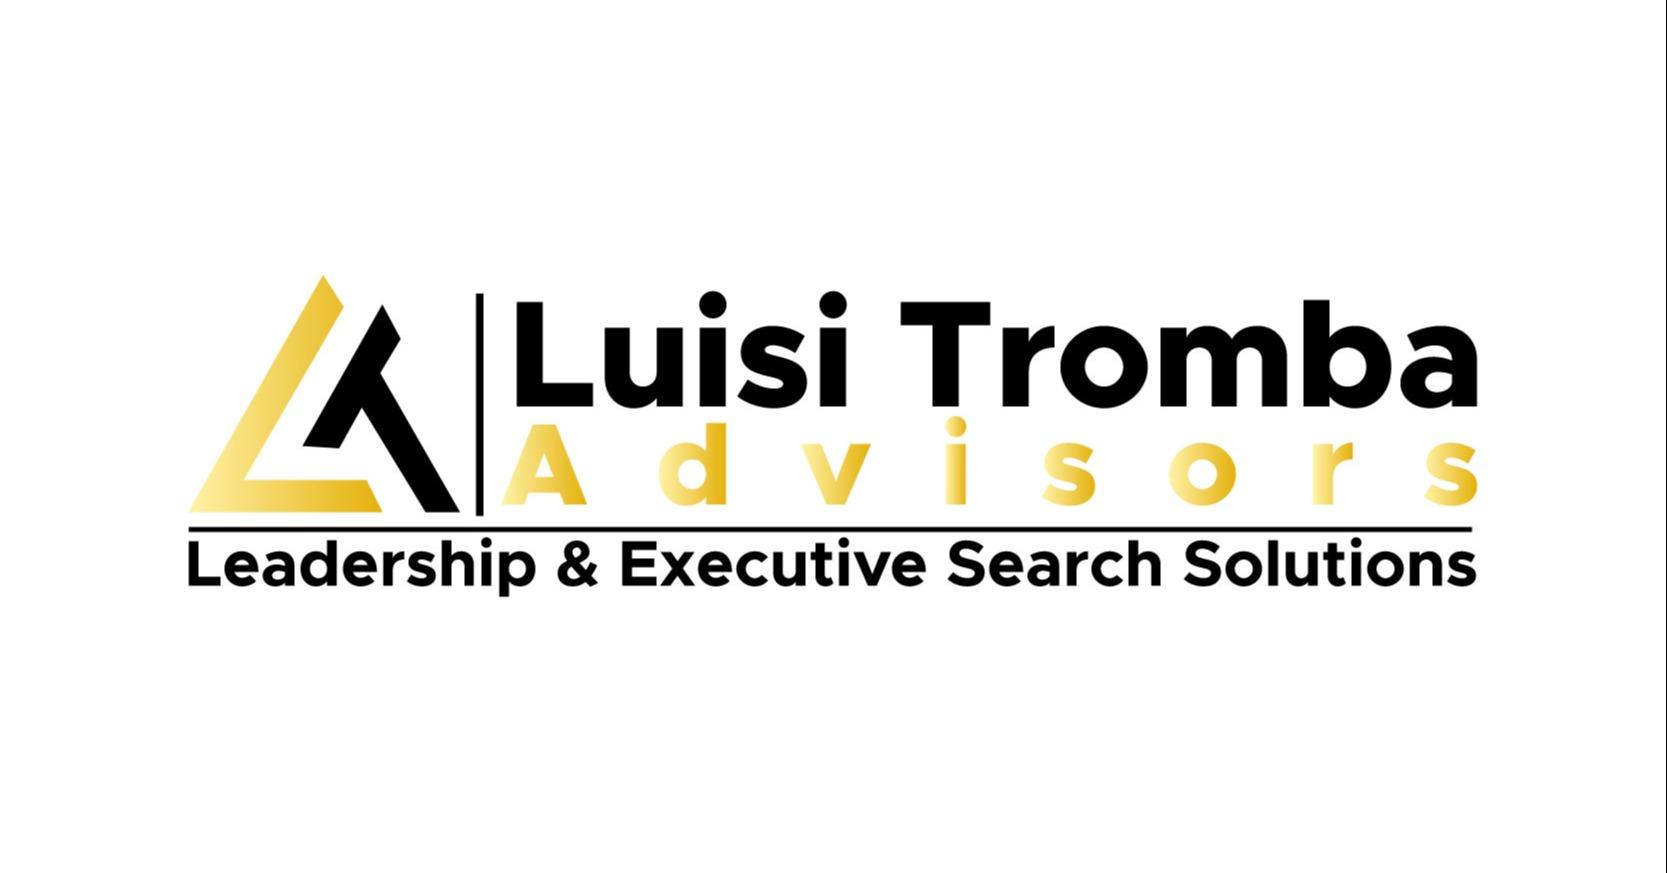 Luisi Tromba